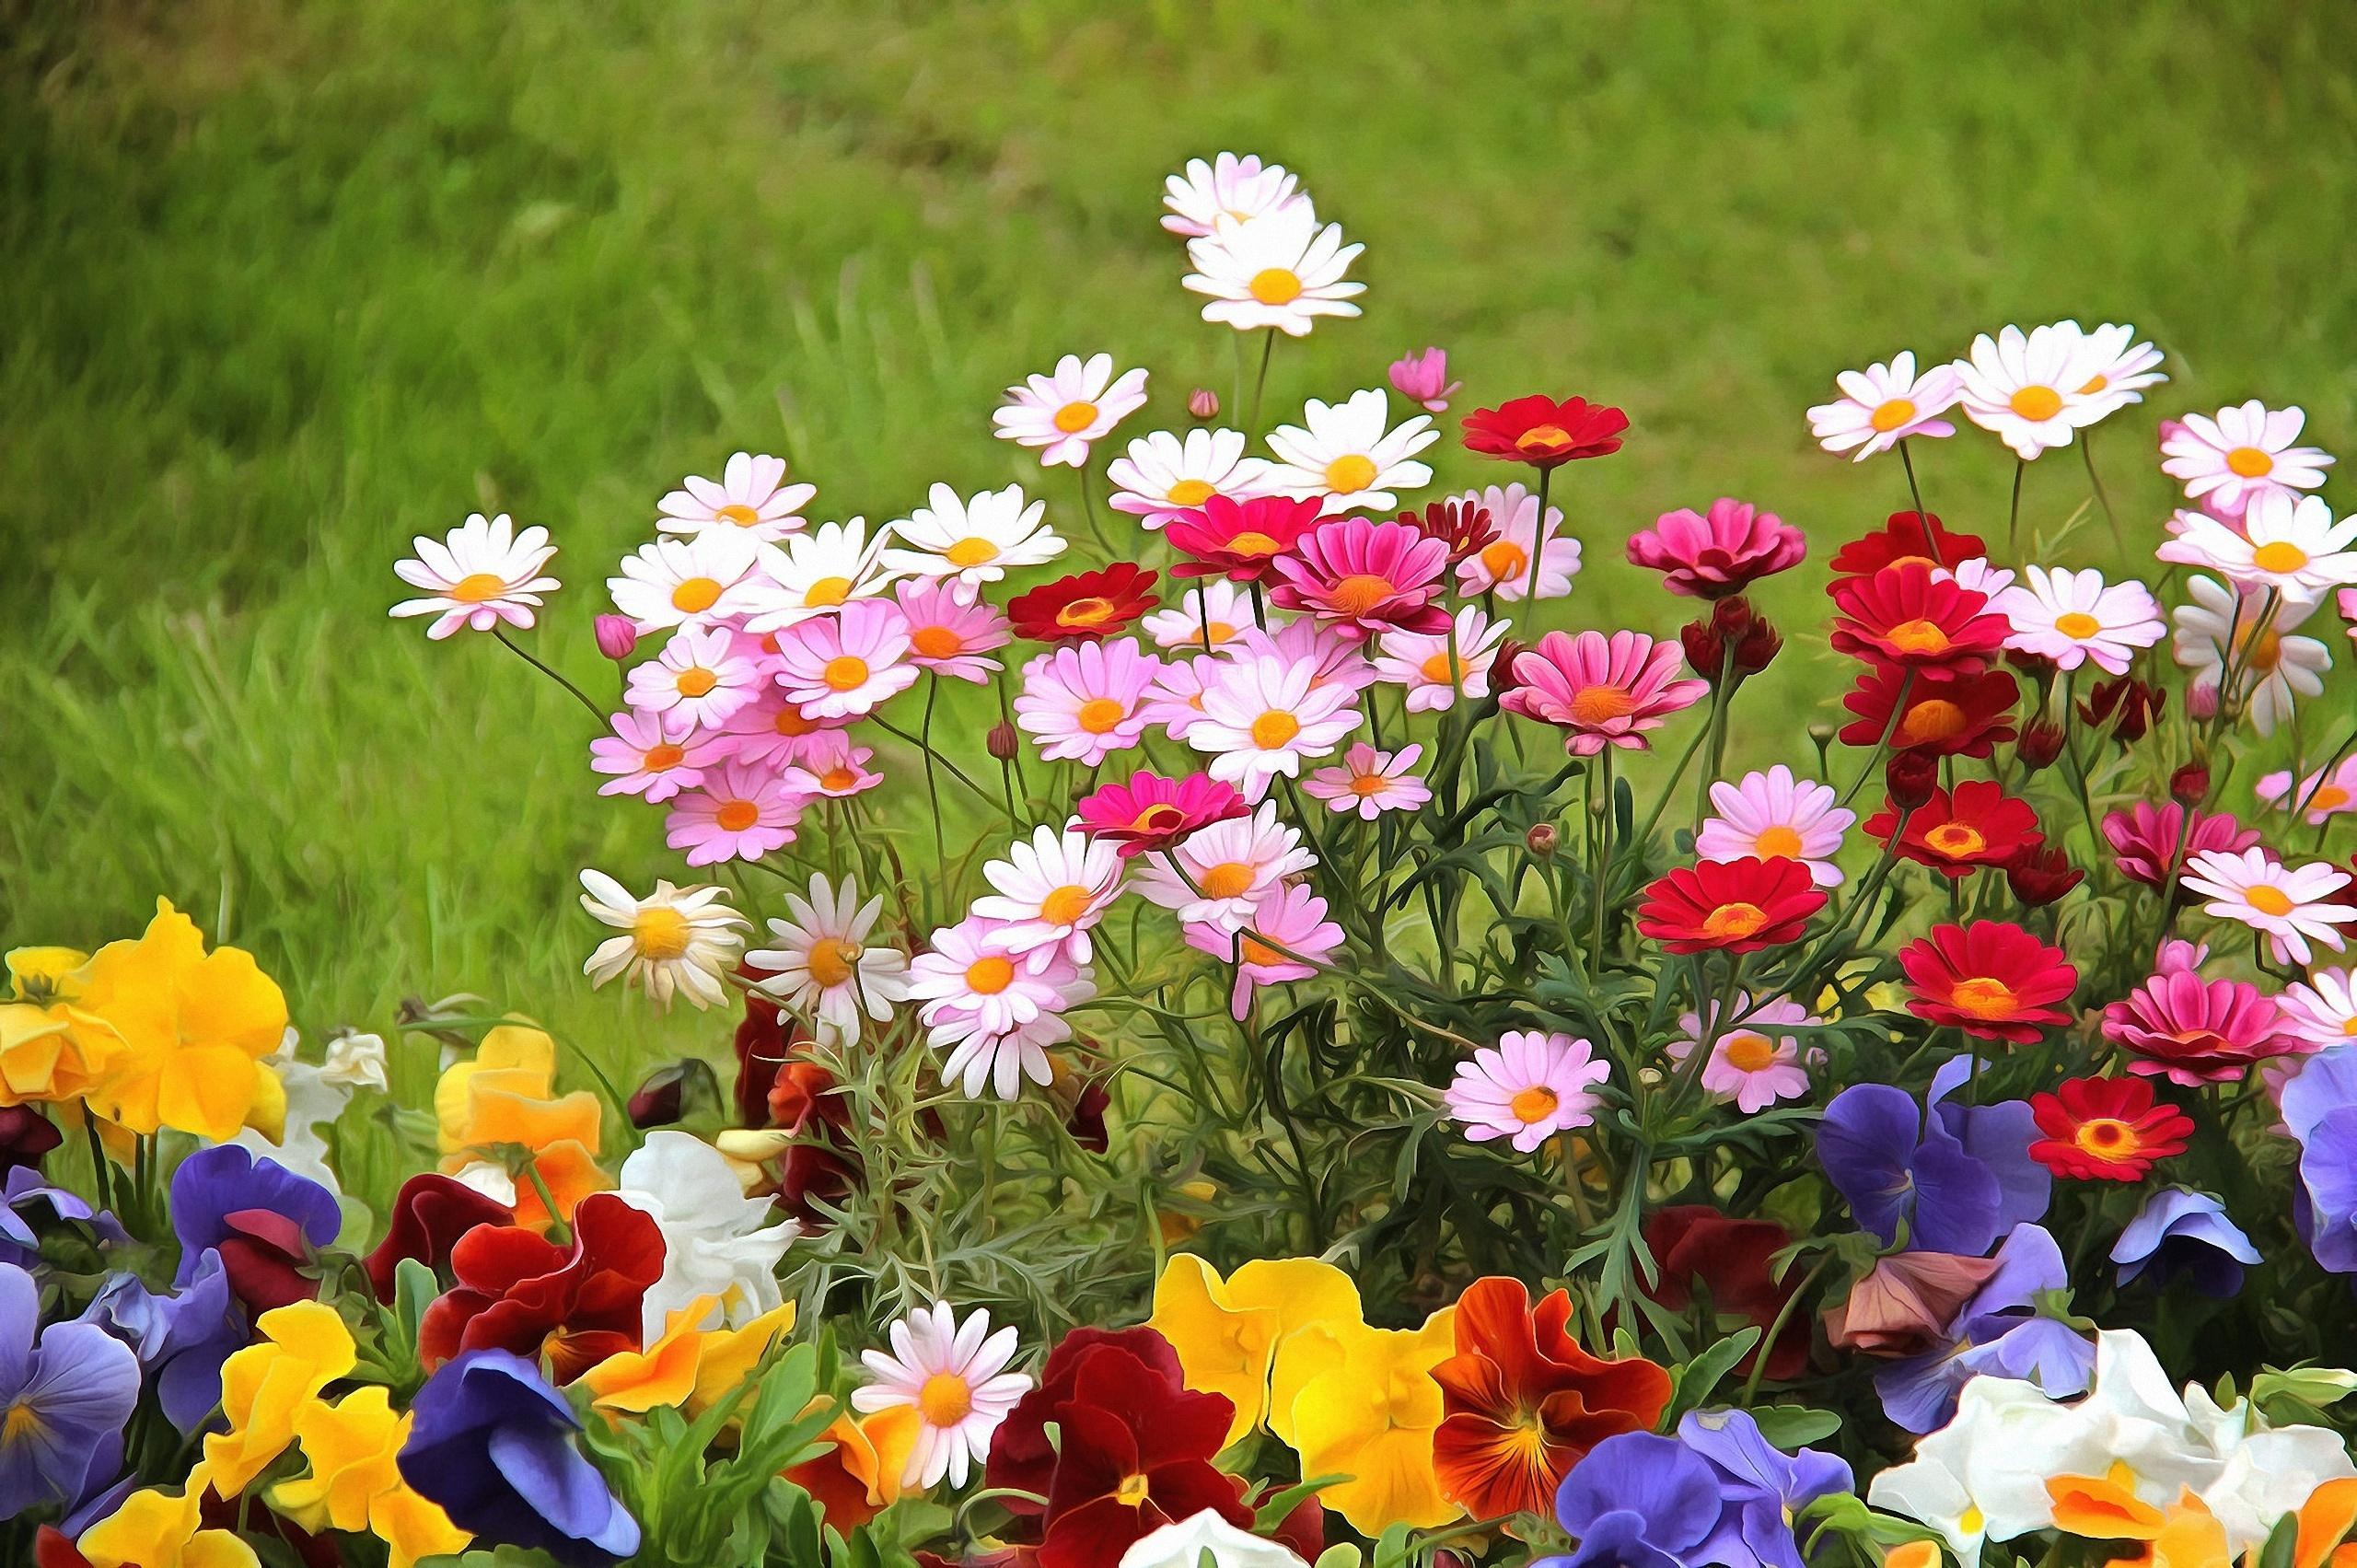 Обої на моніторі |  Квіти |  літо, красиво, красиво